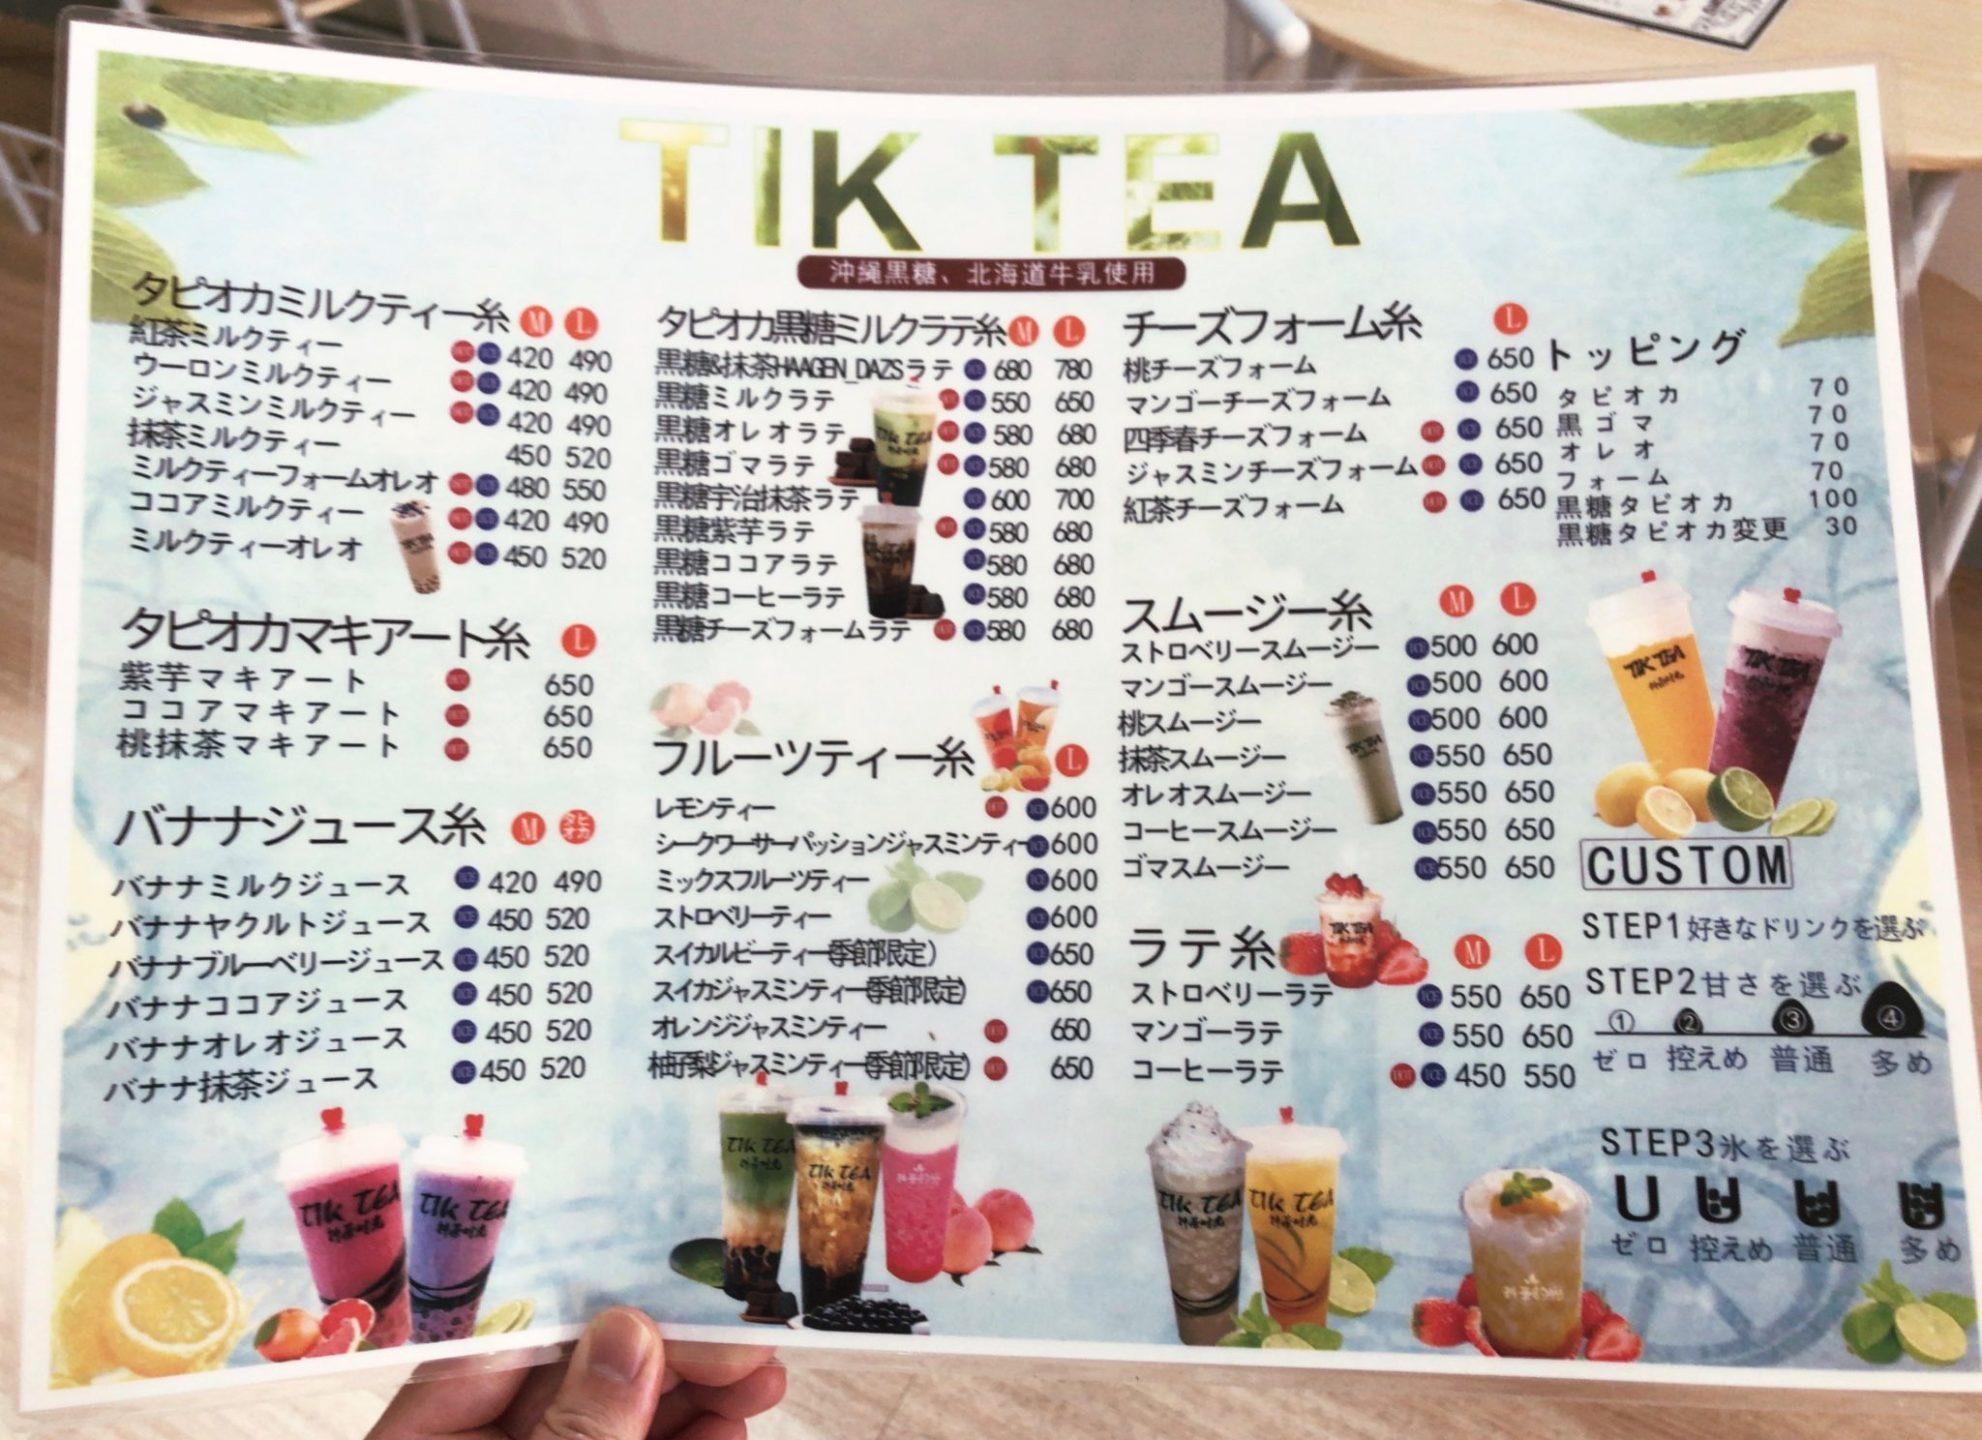 Tik Tea 豪徳寺店のメニュー